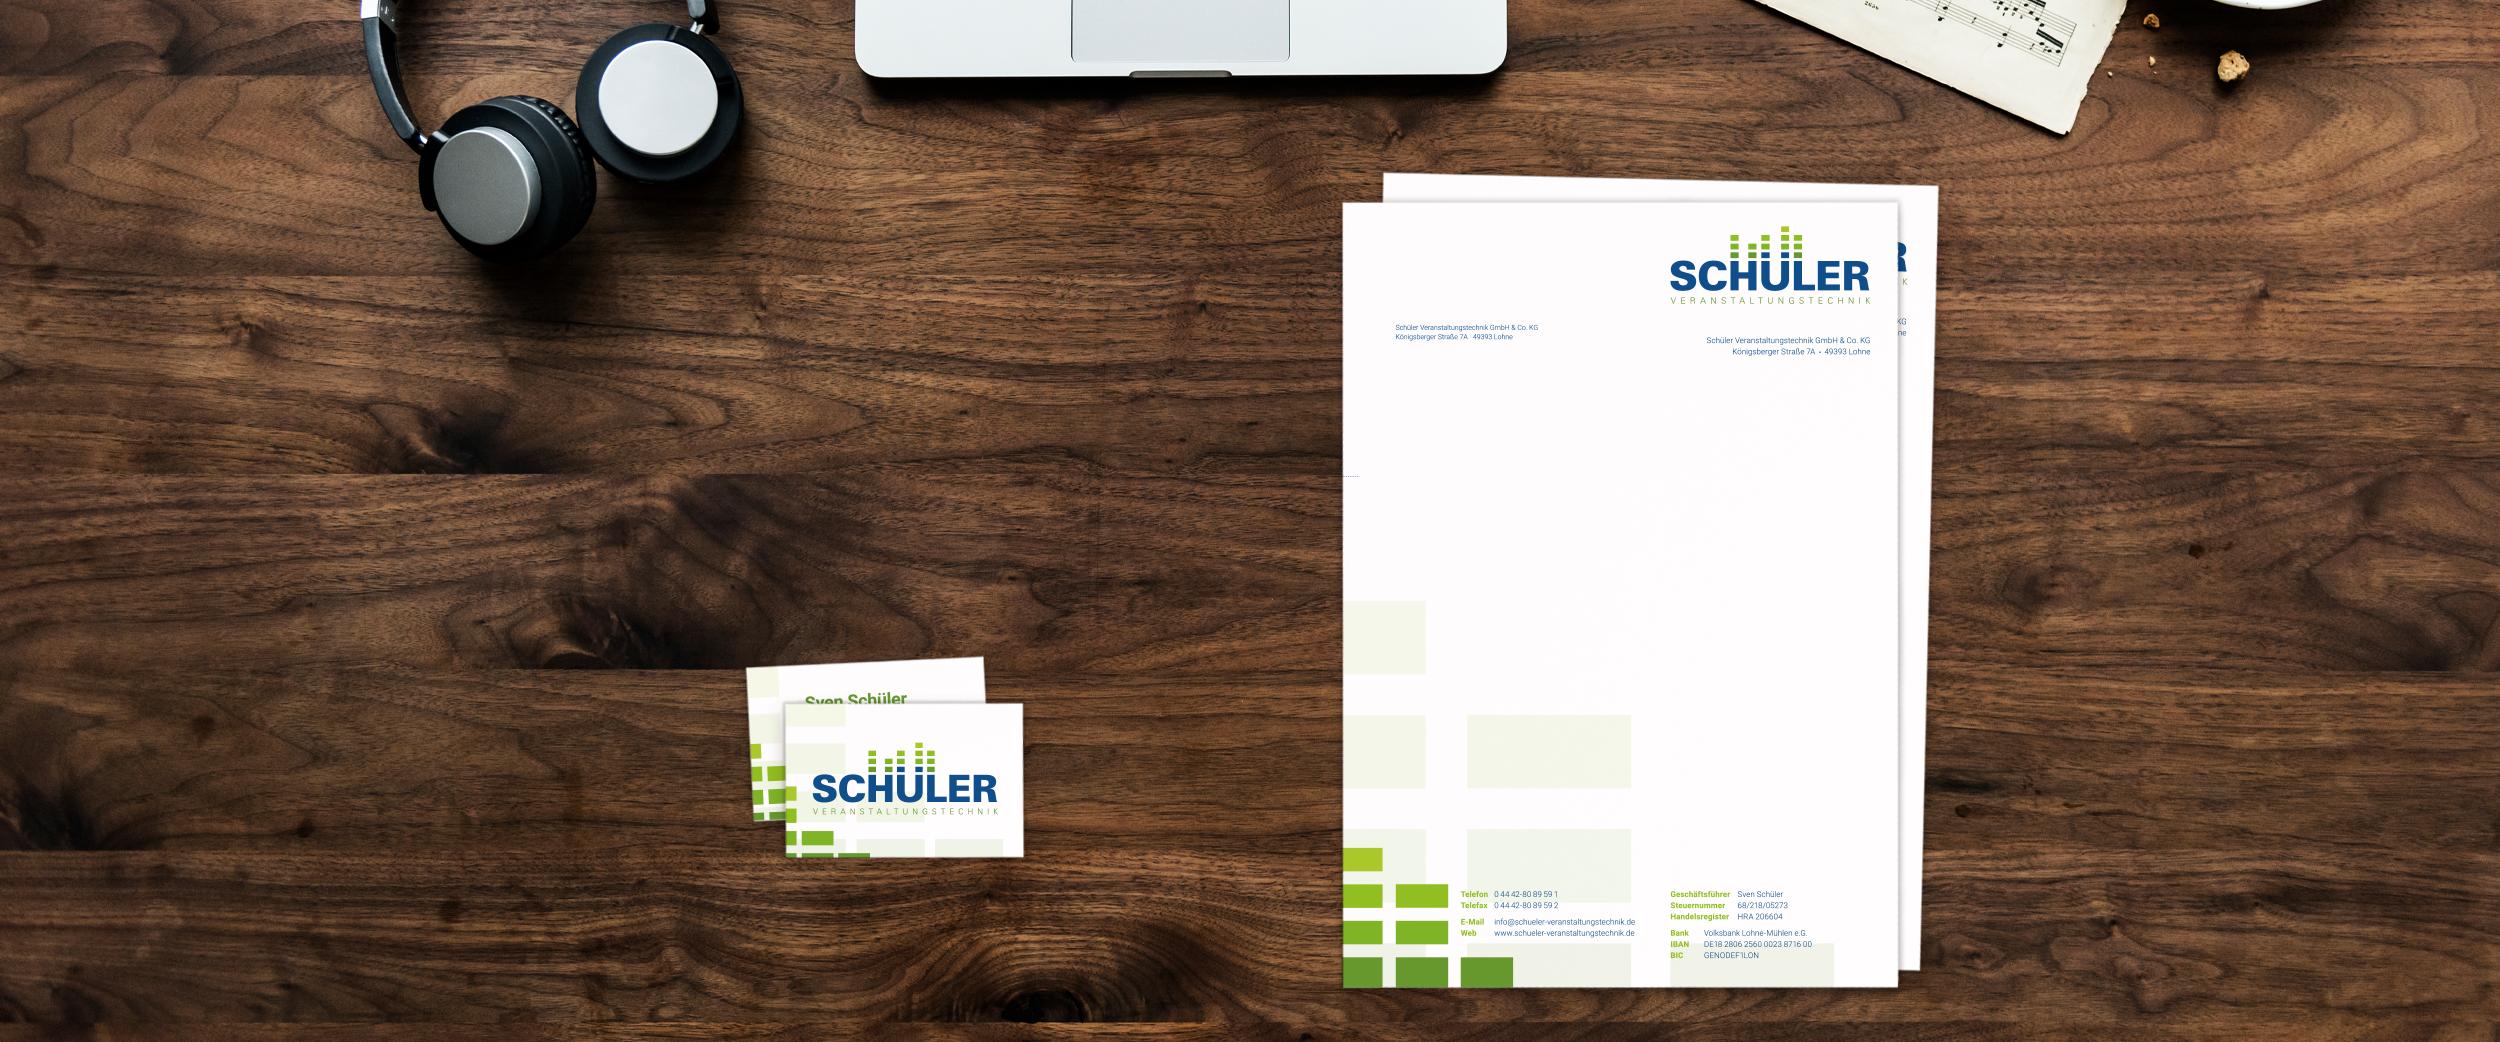 Schüler Veranstaltungstechnik GmbH & Co. KG